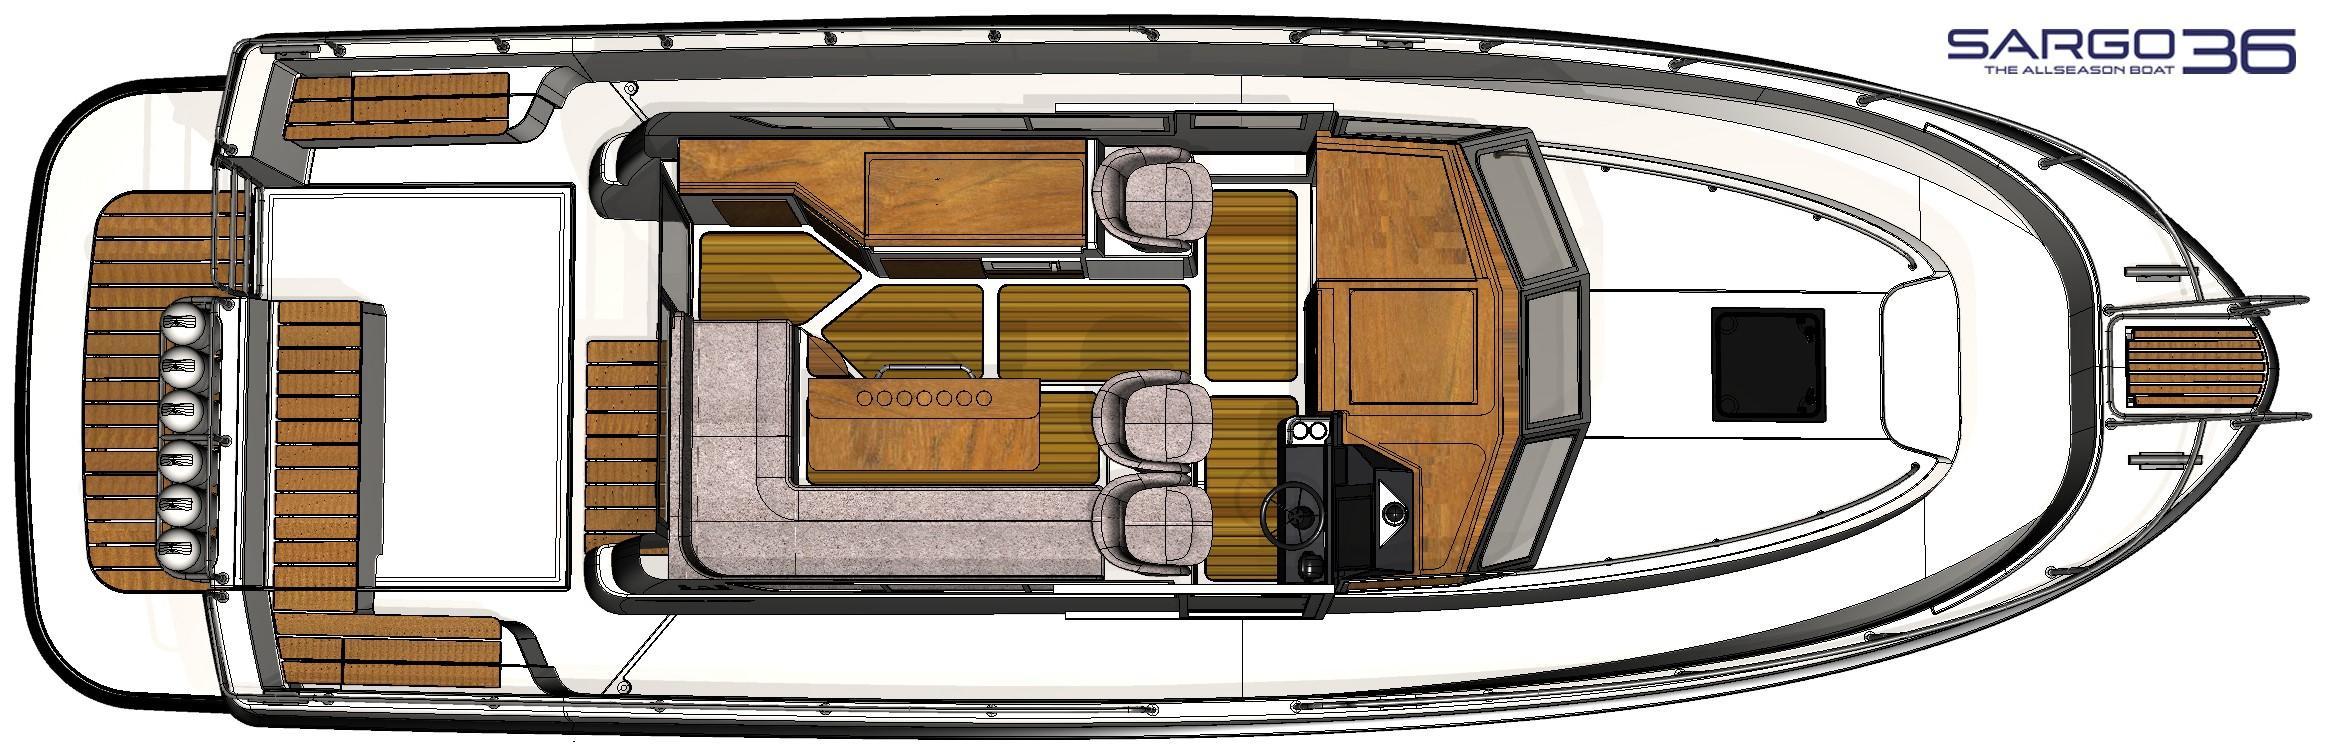 Sargo 36 wheelhouse plan